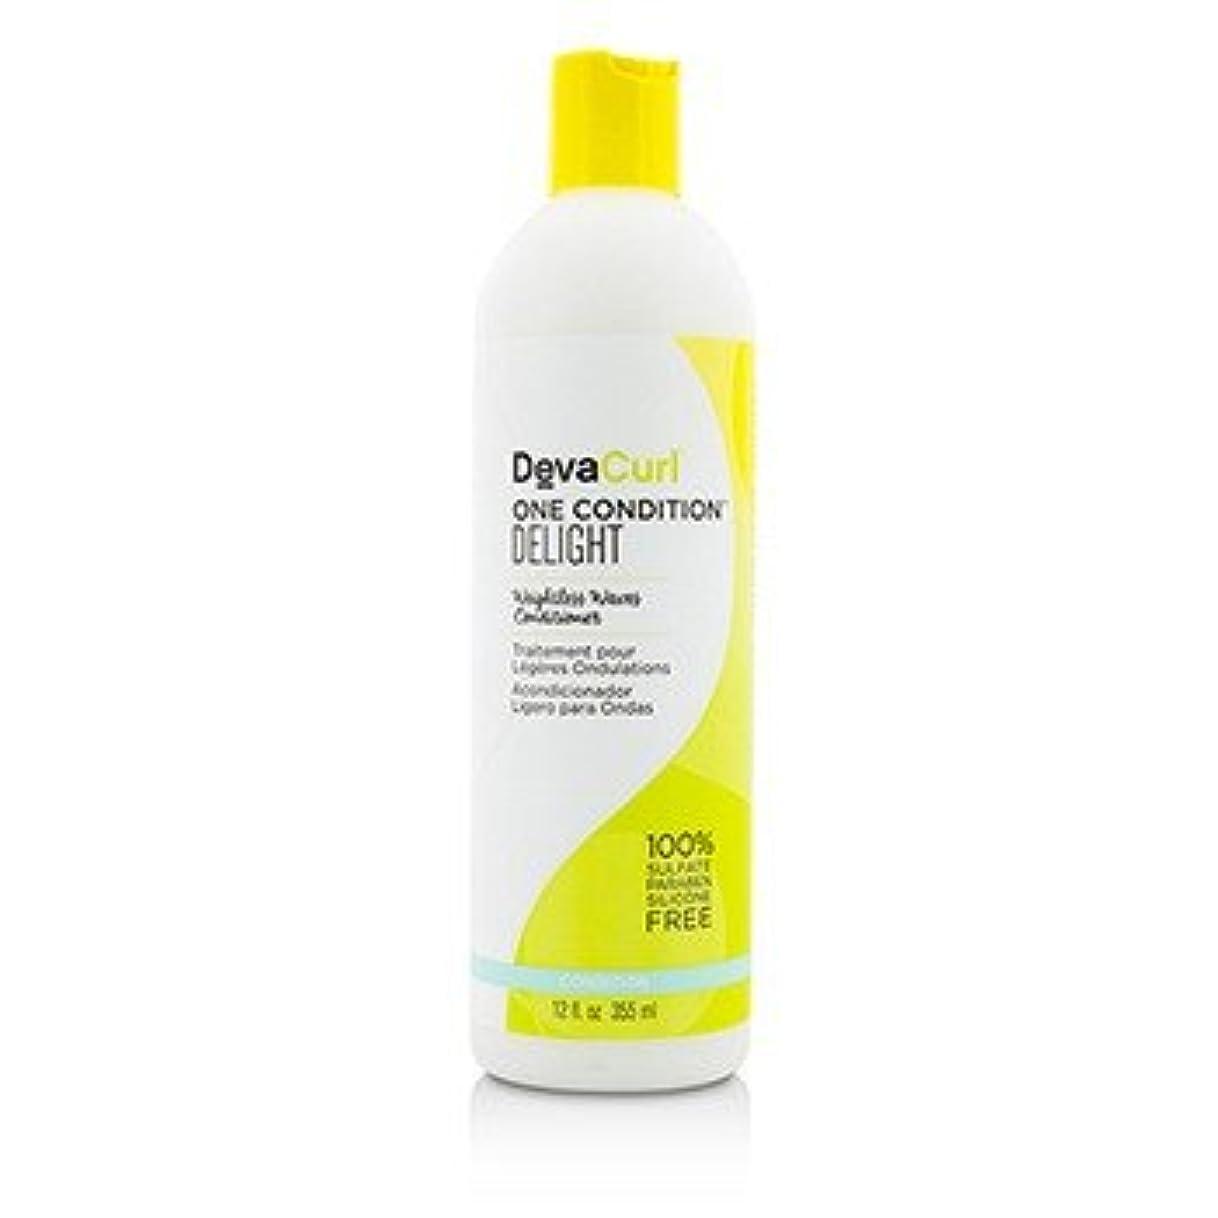 合金枠耐久[DevaCurl] One Condition Delight (Weightless Waves Conditioner - For Wavy Hair) 355ml/12oz